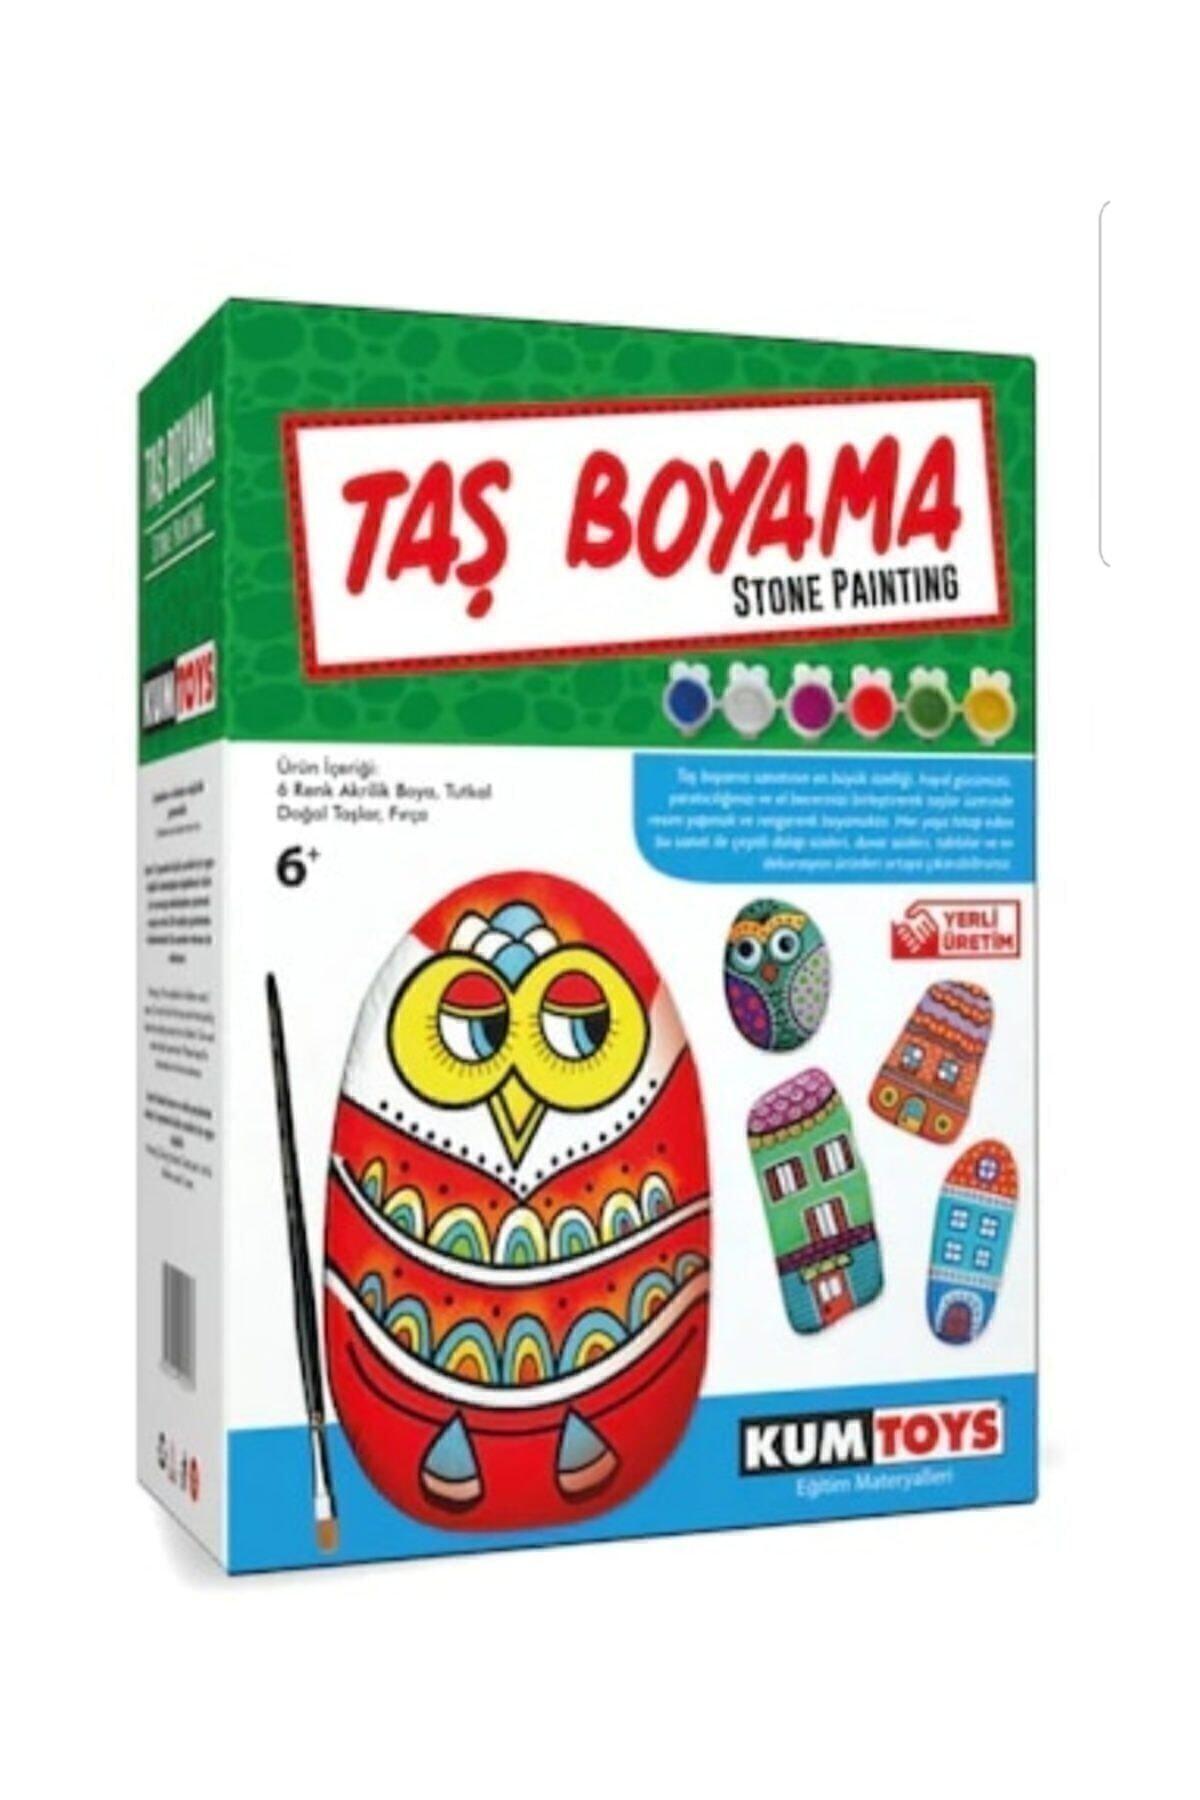 Redka/KumToys Kumtoys Taş Boyama 5307 1